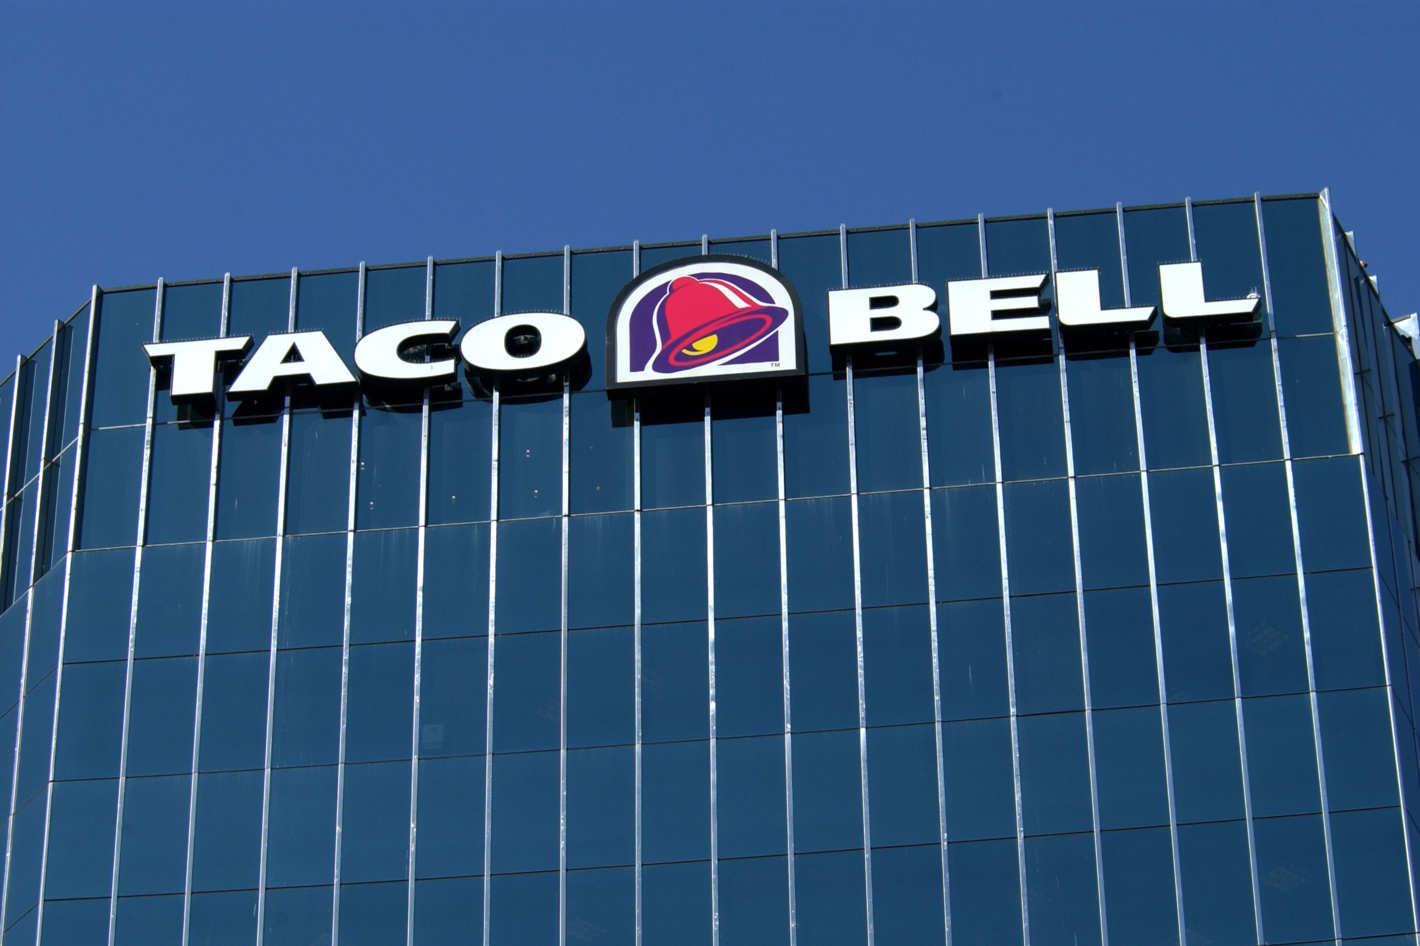 Taco Bell company headquarter